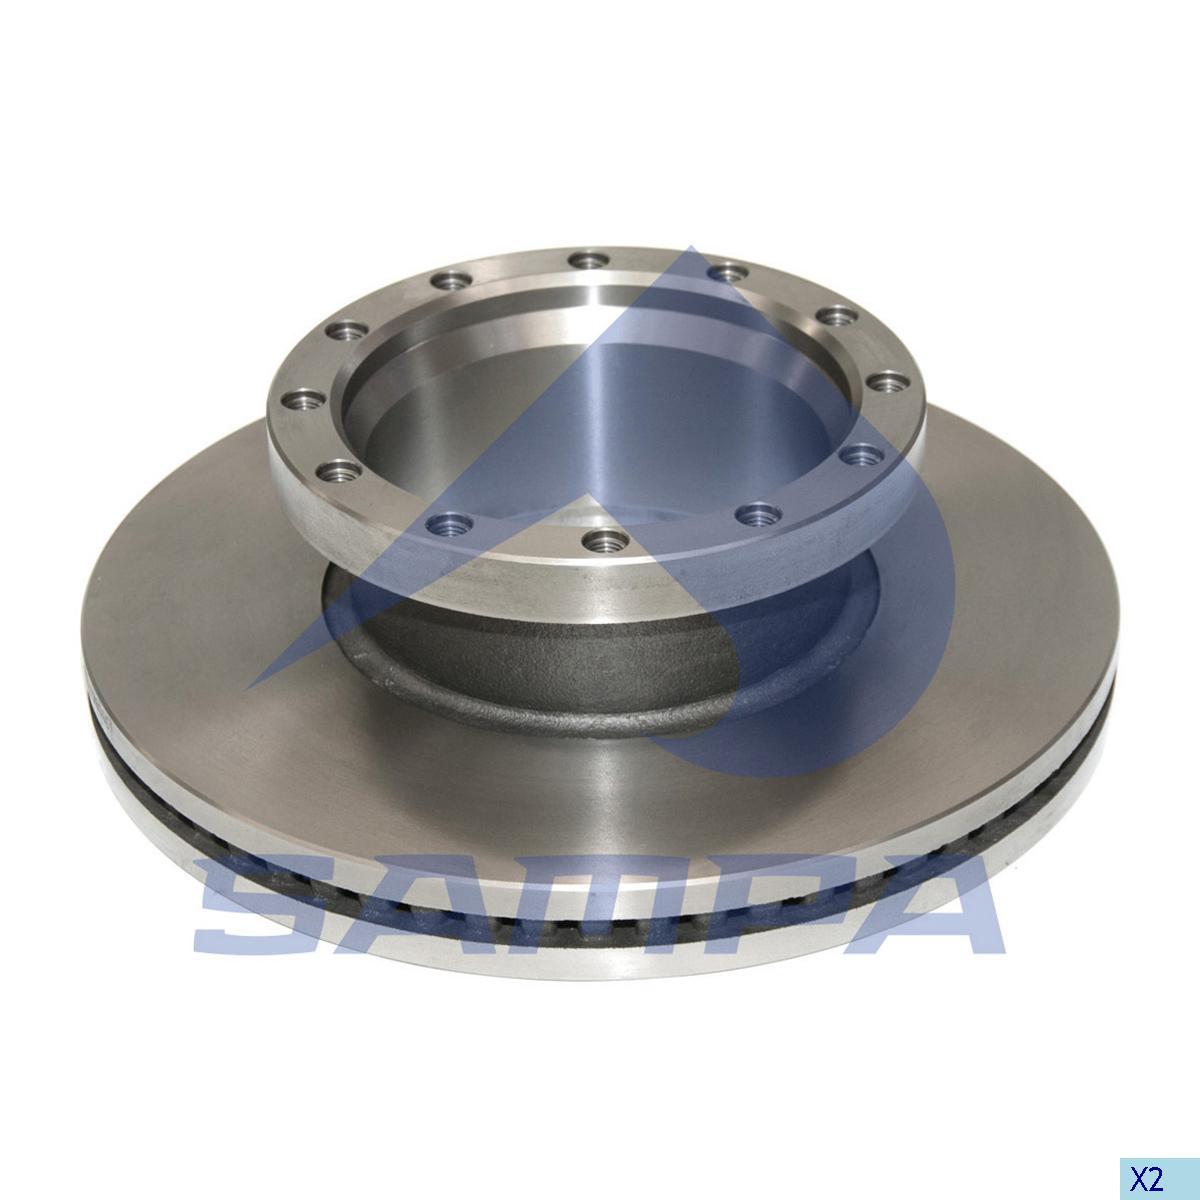 Brake Disc, Iveco, Brake